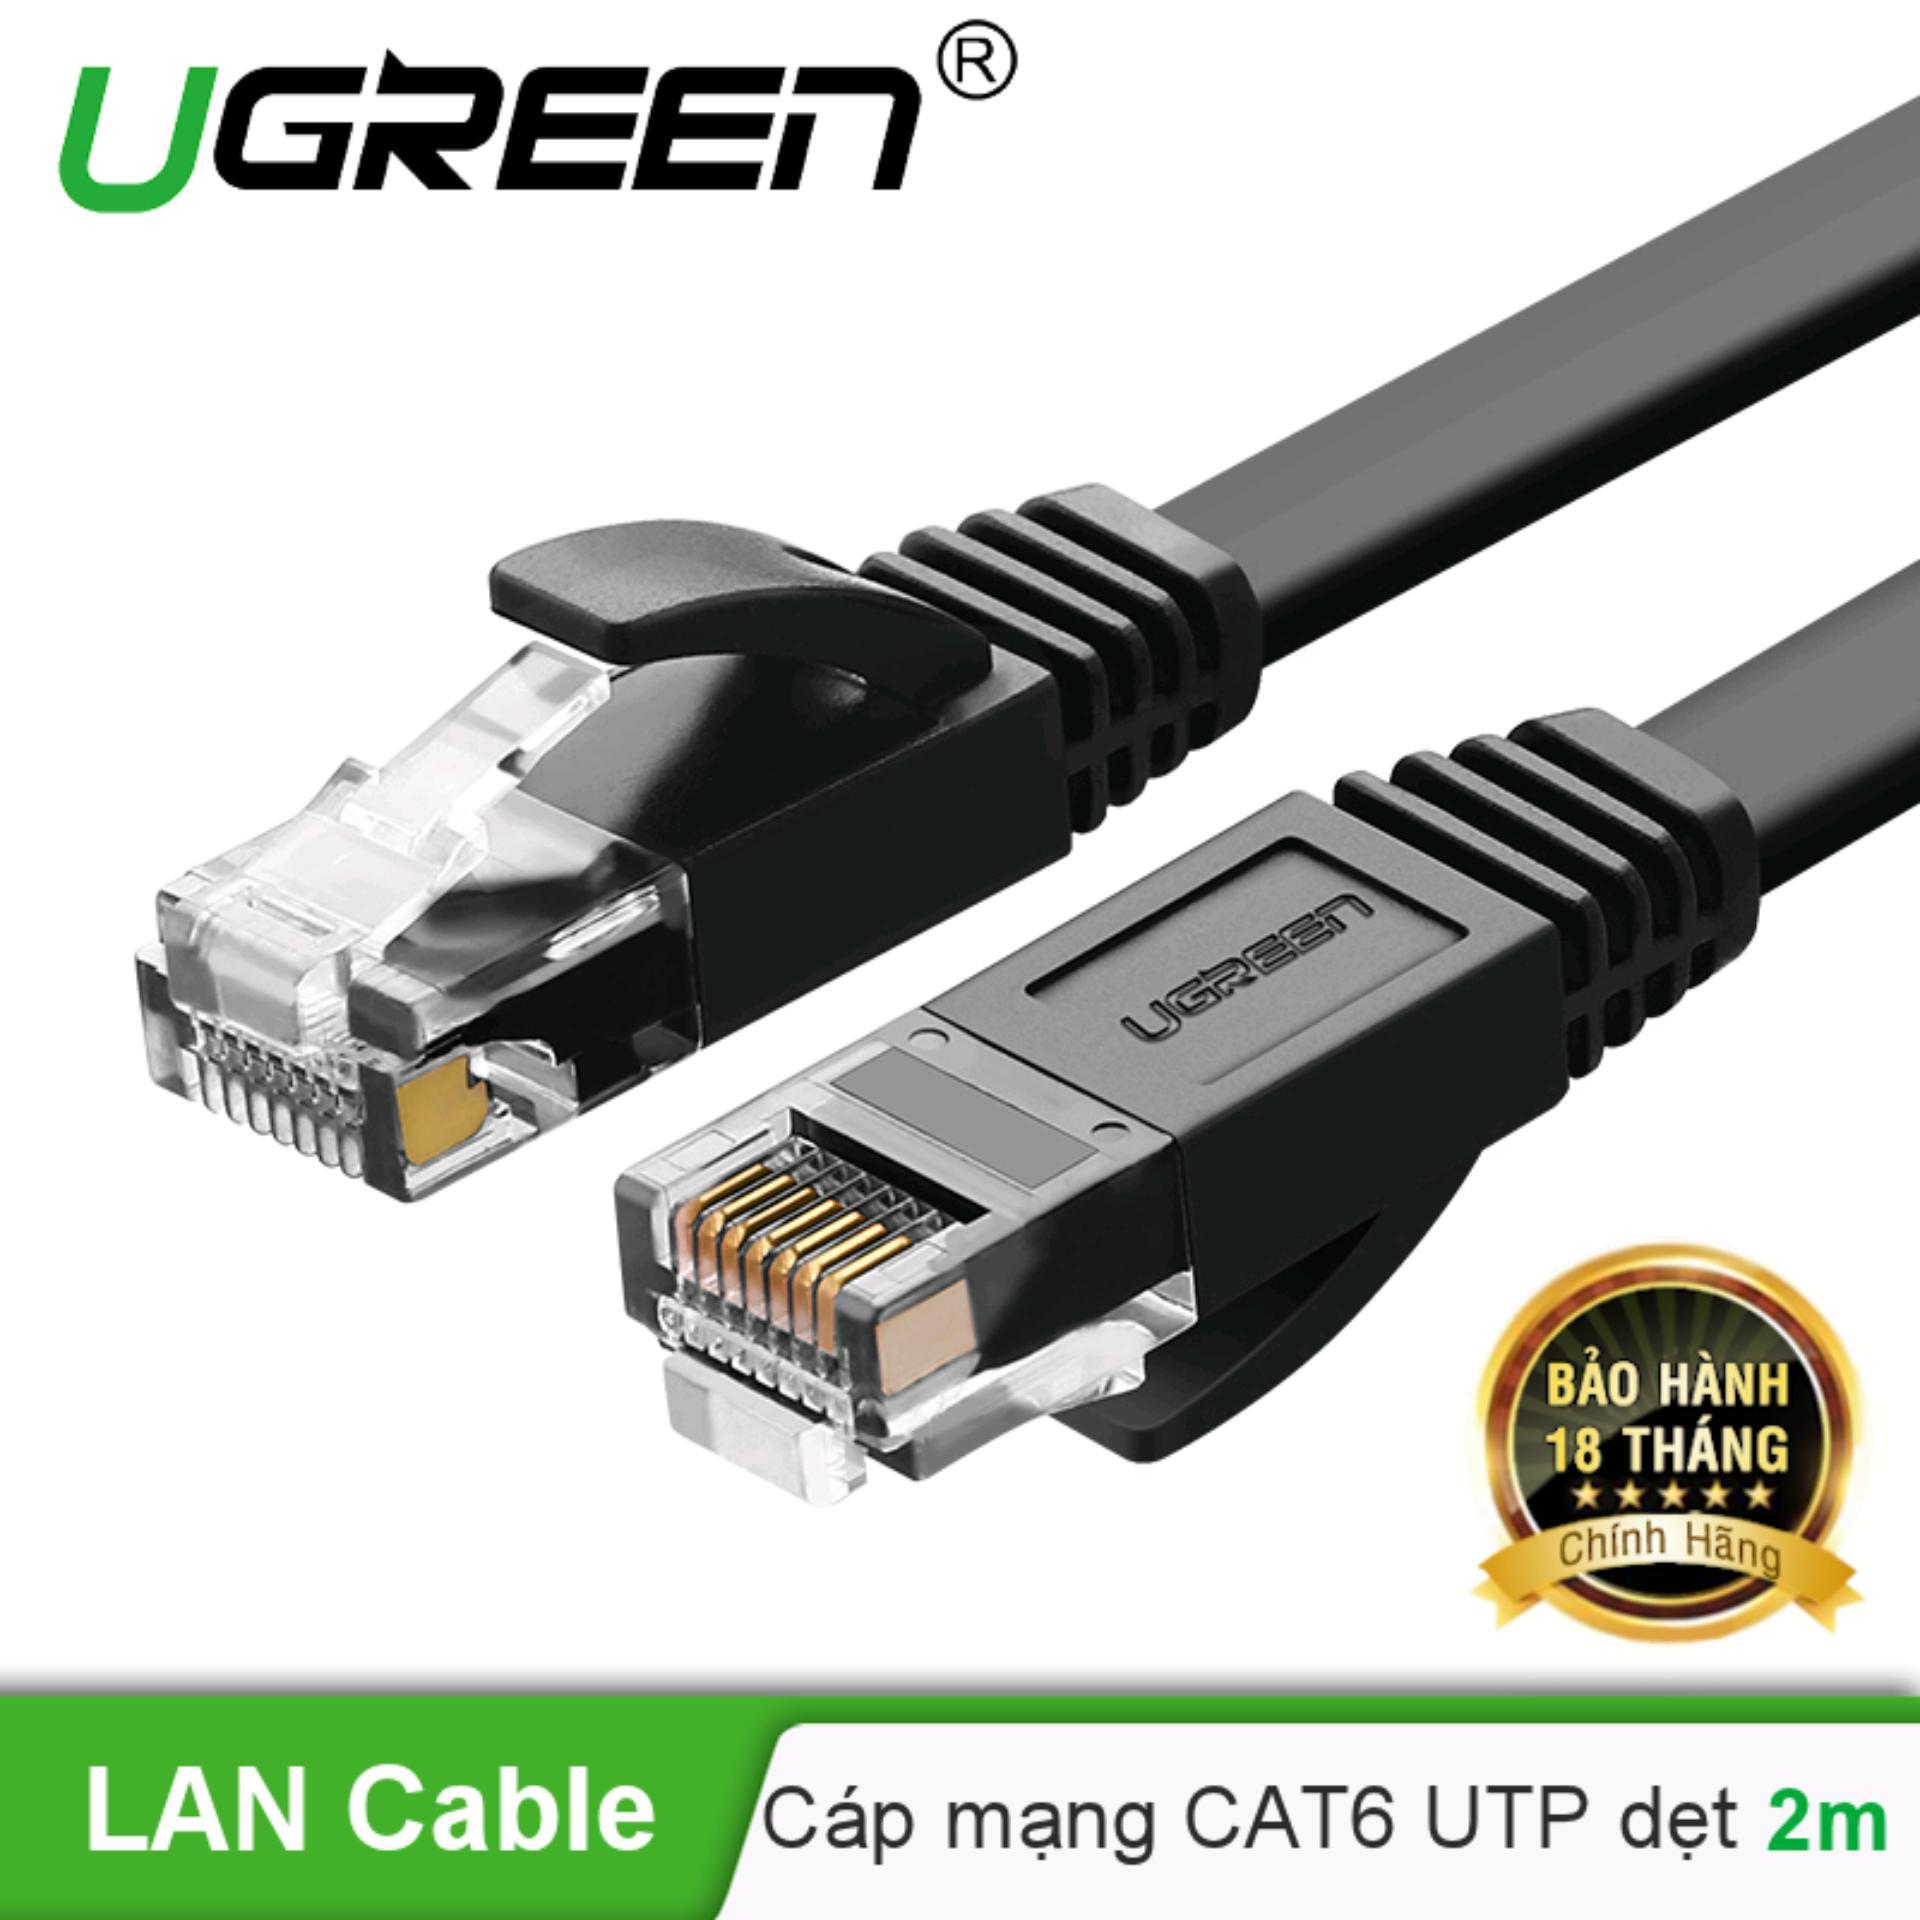 Cáp mạng Cat6 aluminum dạng dẹt dài 2m UGREEN NW102 50174 - Hãng phân phối chính thức